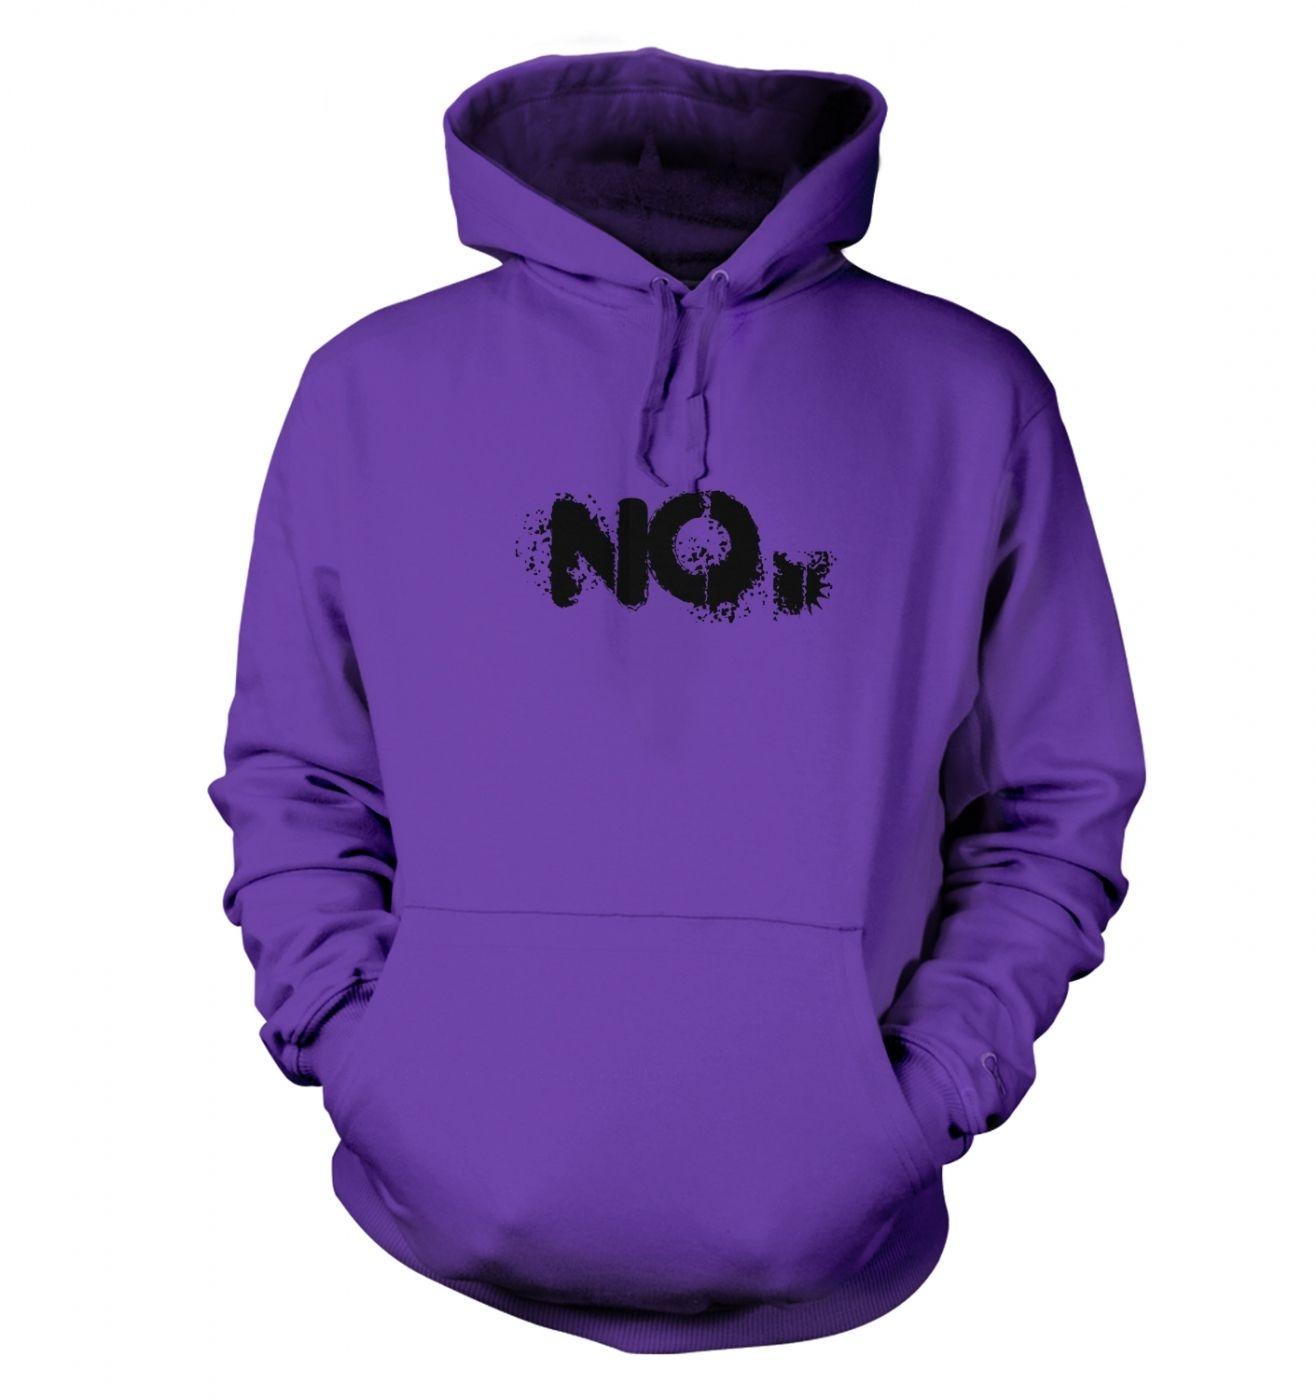 NO Unisex college hoodie